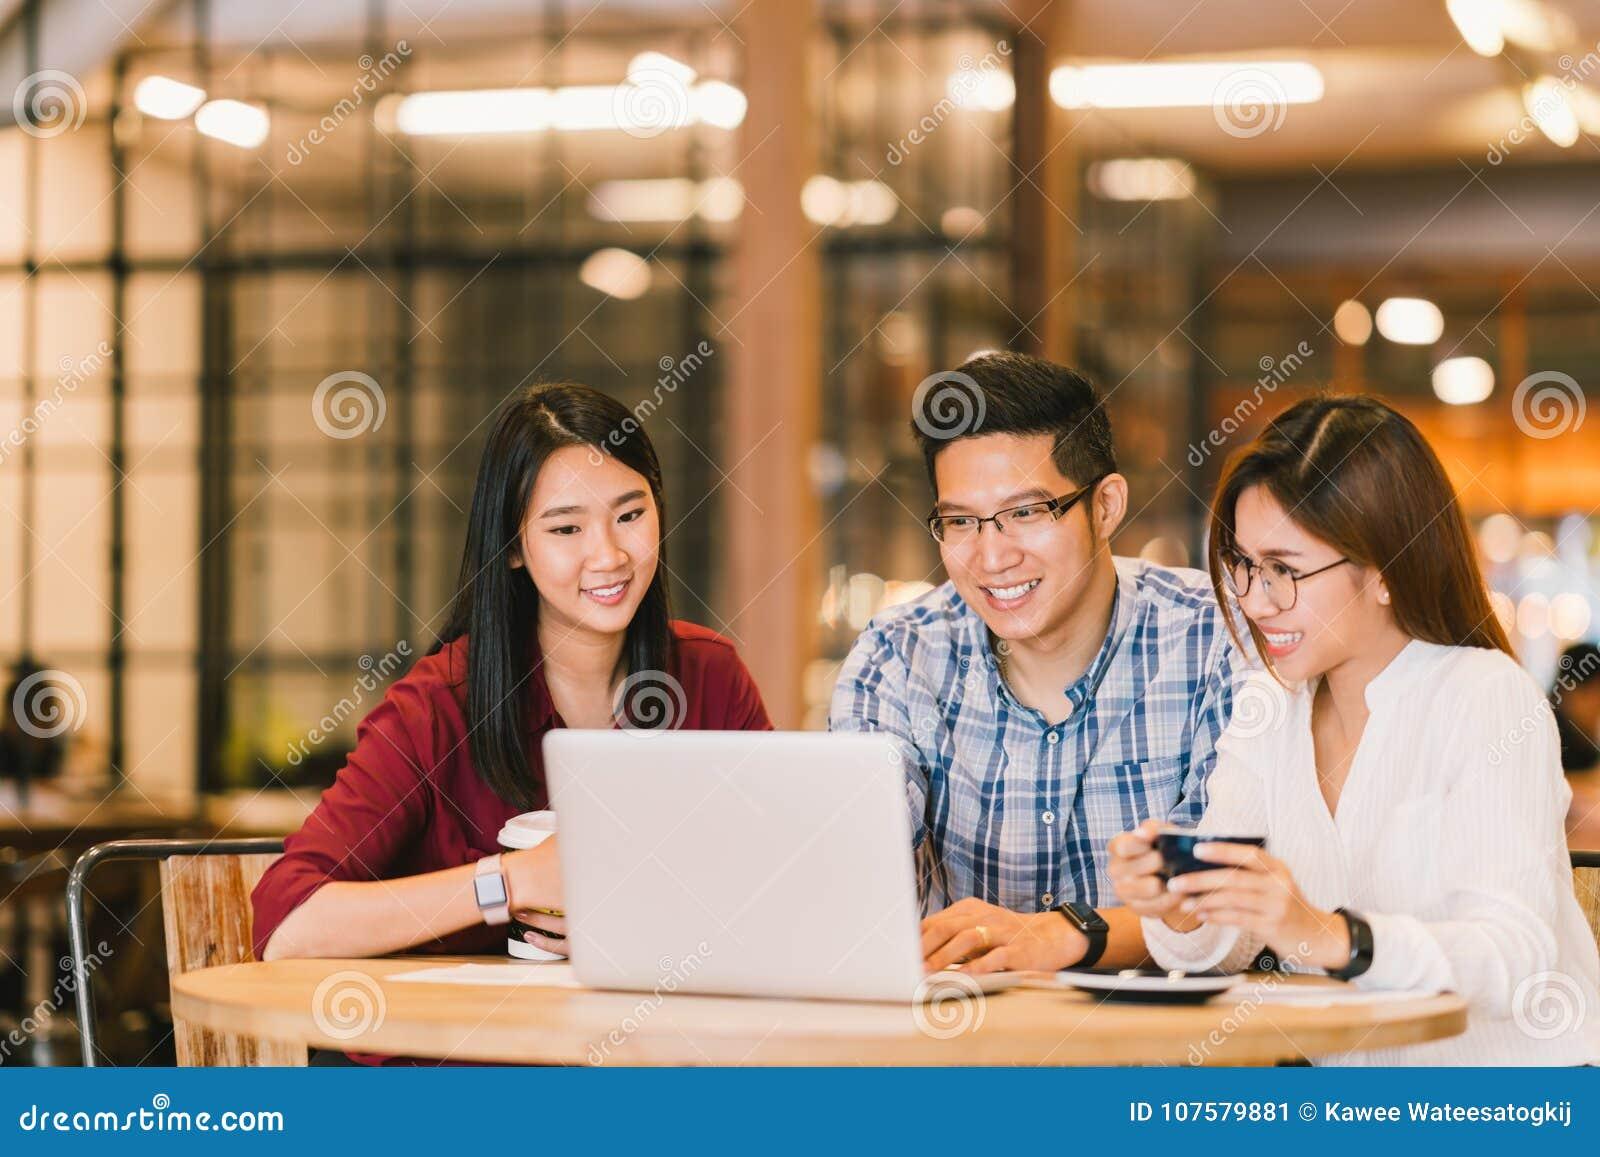 Asiatische Studenten Gruppe oder Mitarbeiter, die zusammen Laptop-Computer am Café oder an der Universität verwenden Zufälliges G